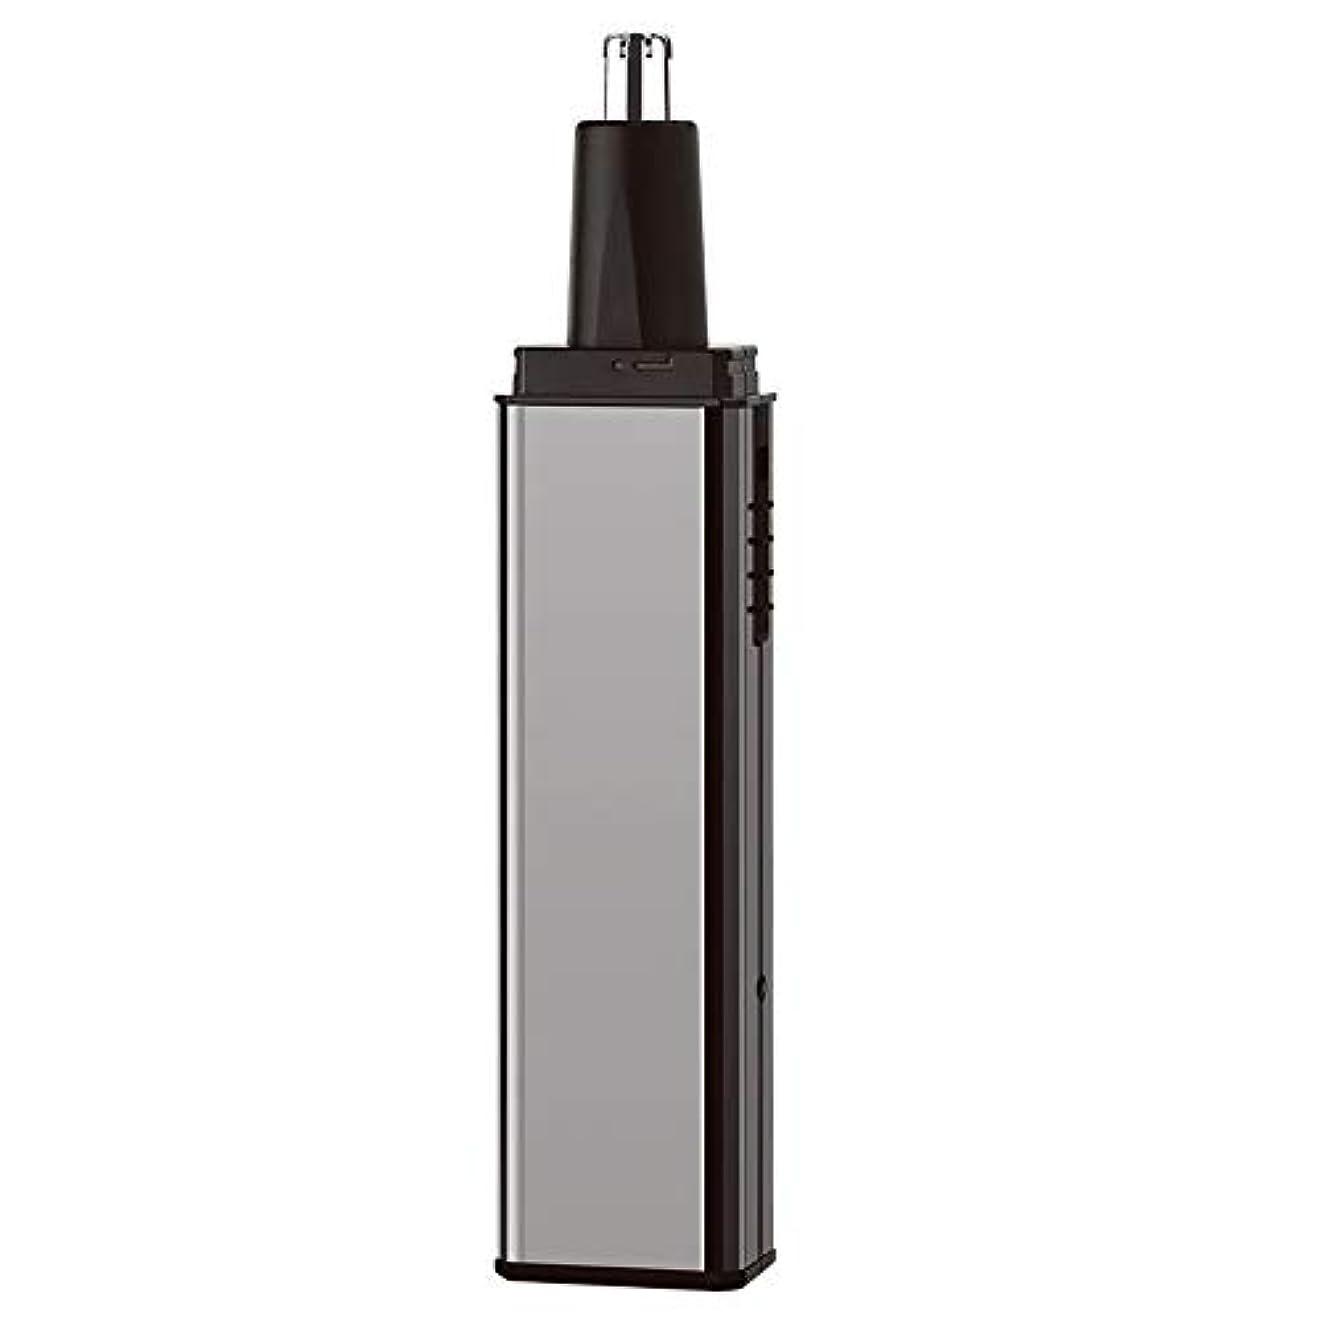 人気の話をする母性鼻毛トリマー-多機能スーツフォーインワン/電気鼻毛トリマー/ステンレススチール/多機能/ 13.5 * 2.7cm 持つ価値があります